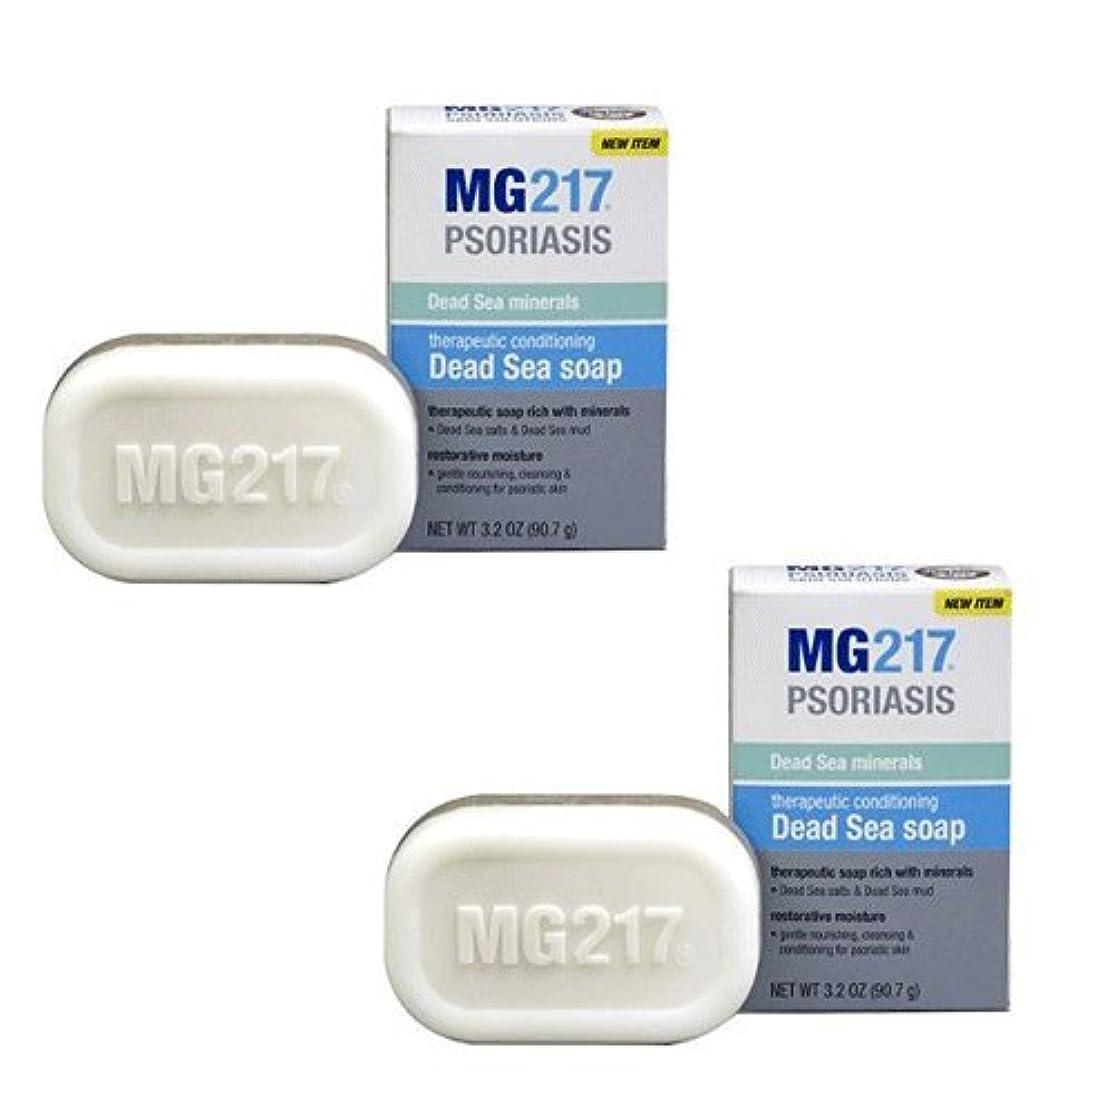 治安判事にんじん振り子2個セット 死海の泥とミネラルたっぷり MG217ソープ 90g MG217 Psoriasis Therapeutic Conditioning Dead Sea Bar Soap